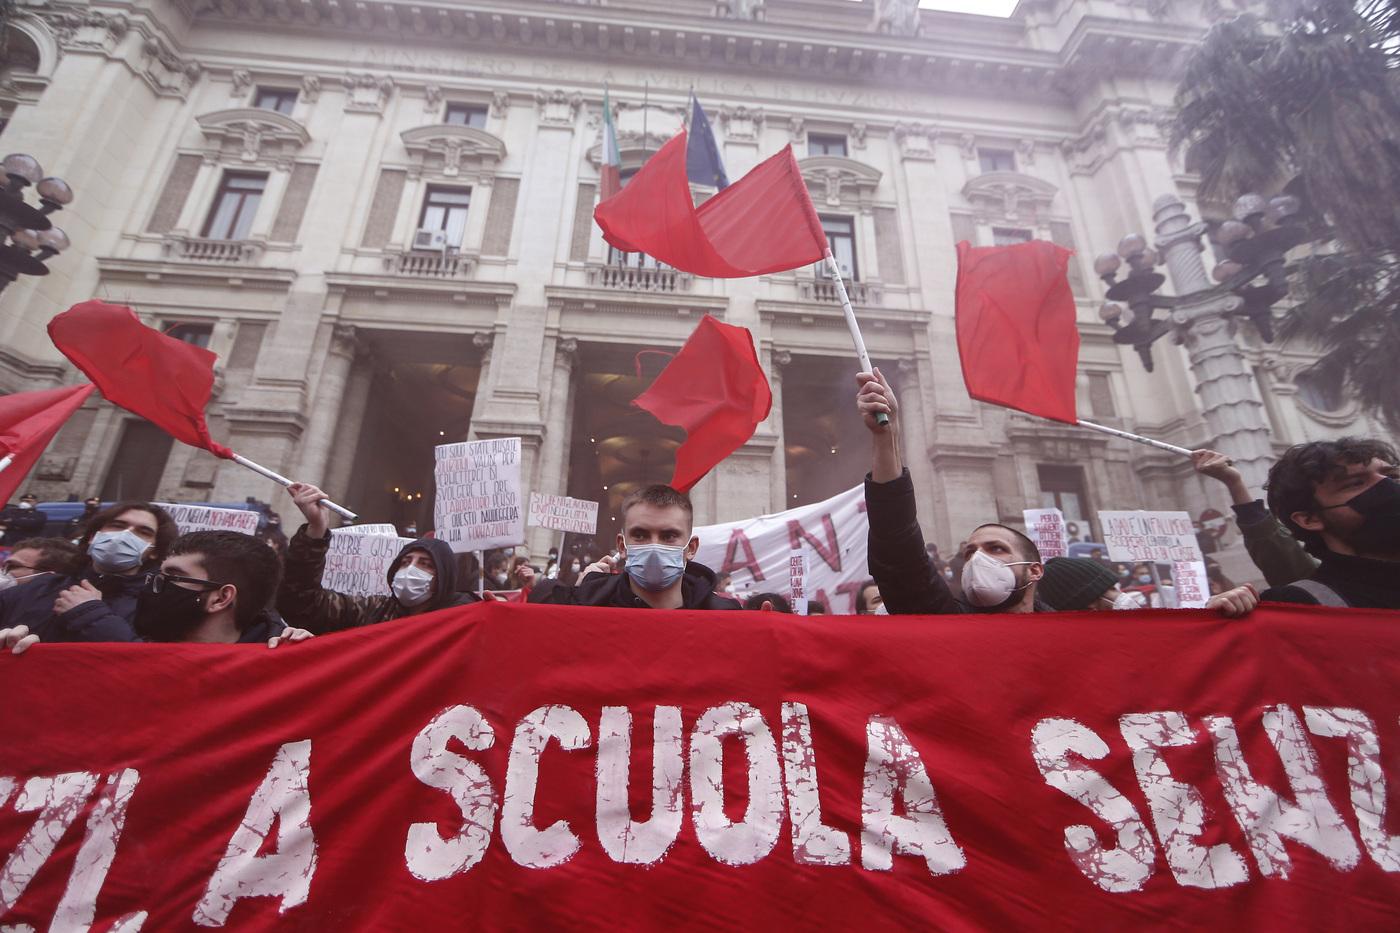 Manifestazione degli studenti e dei professori per la riapertura delle scuole in sicurezza